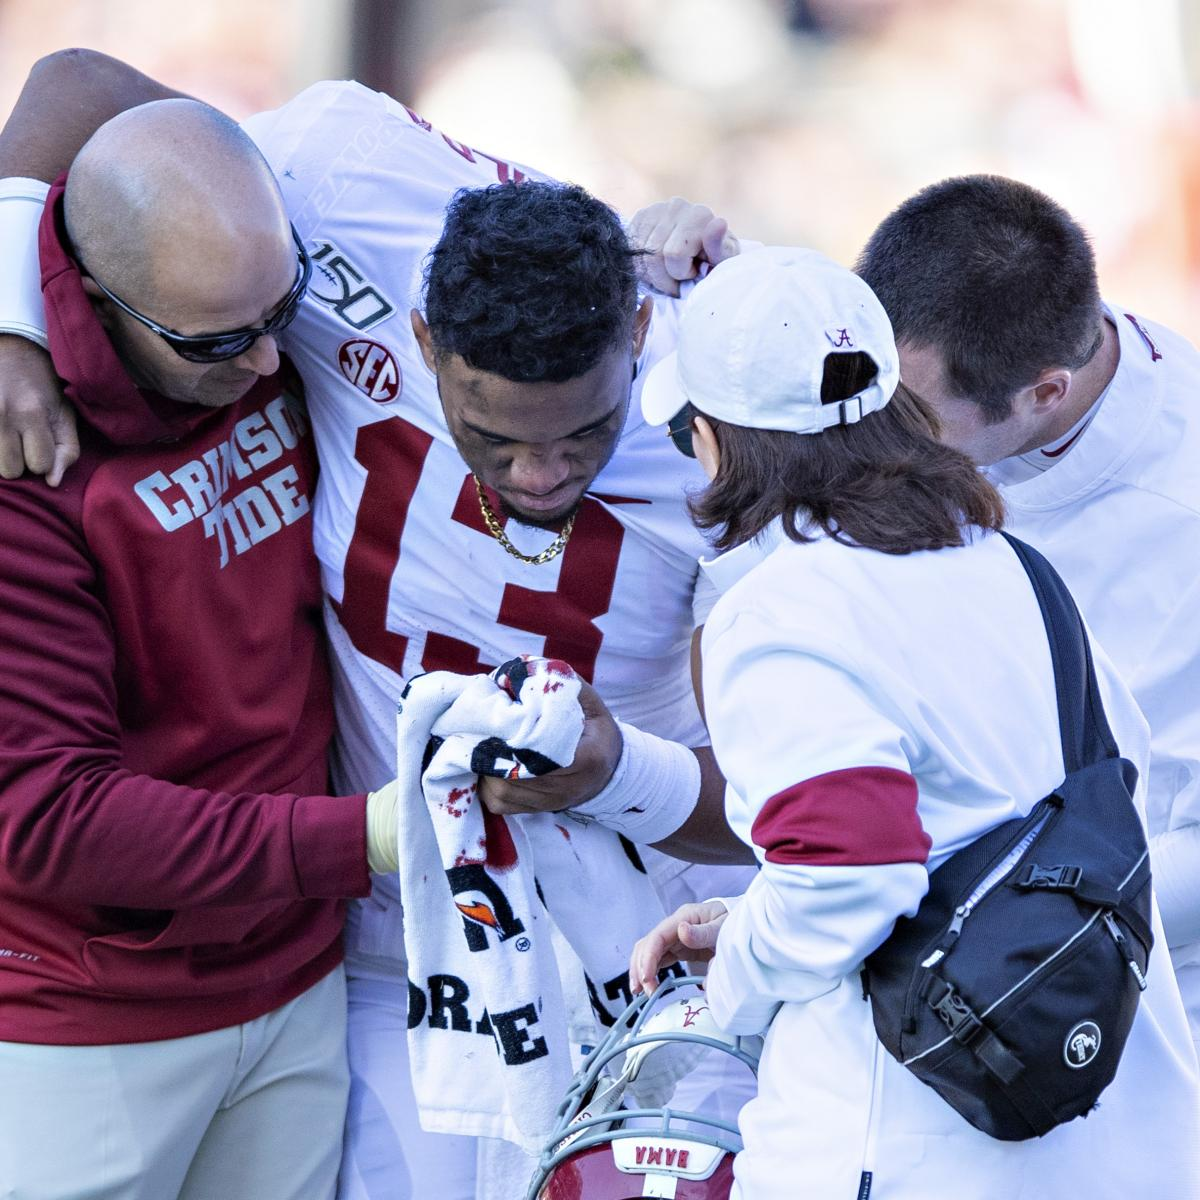 Report: Alabama's Tua Tagovailoa Hip Injury Diagnosed as Season-Ending Fracture